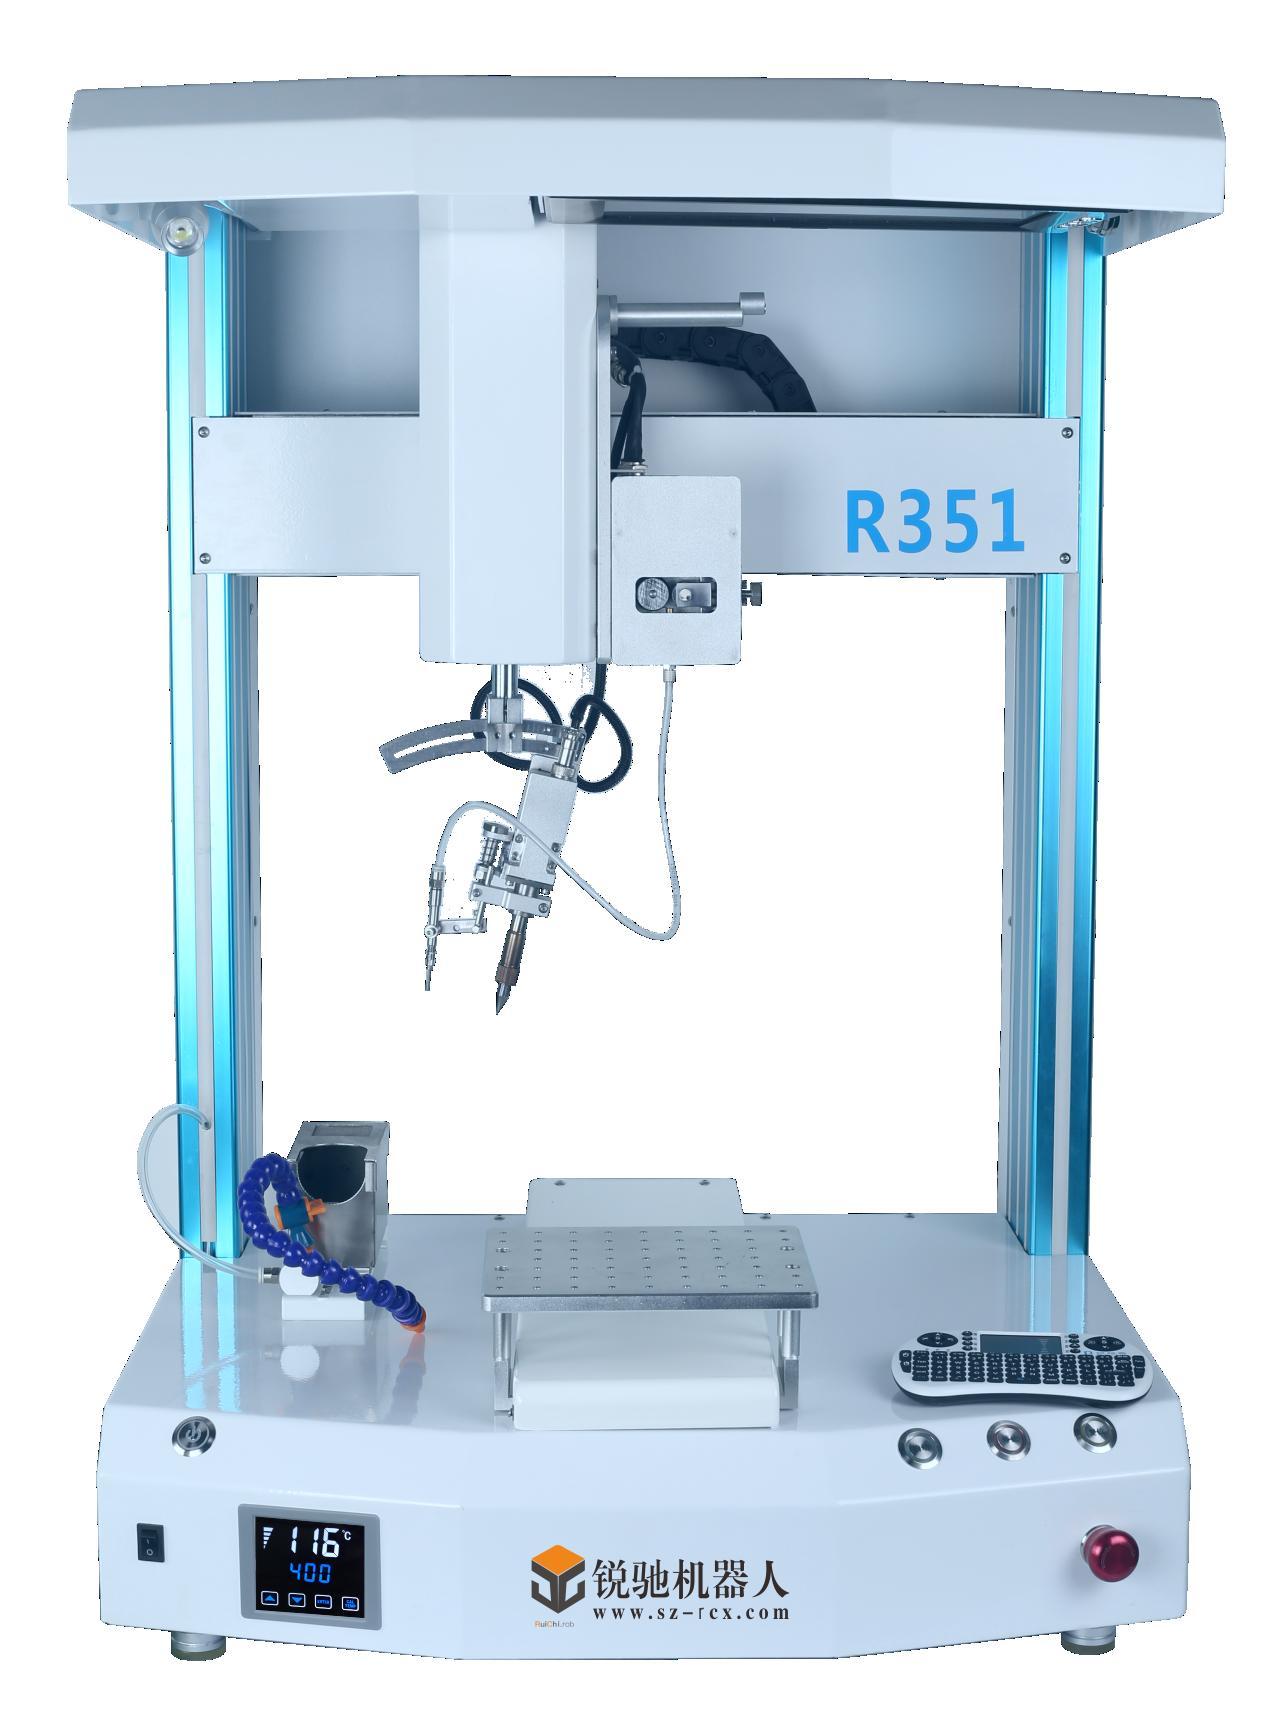 双工位双头自动焊锡机高清图片 高清大图